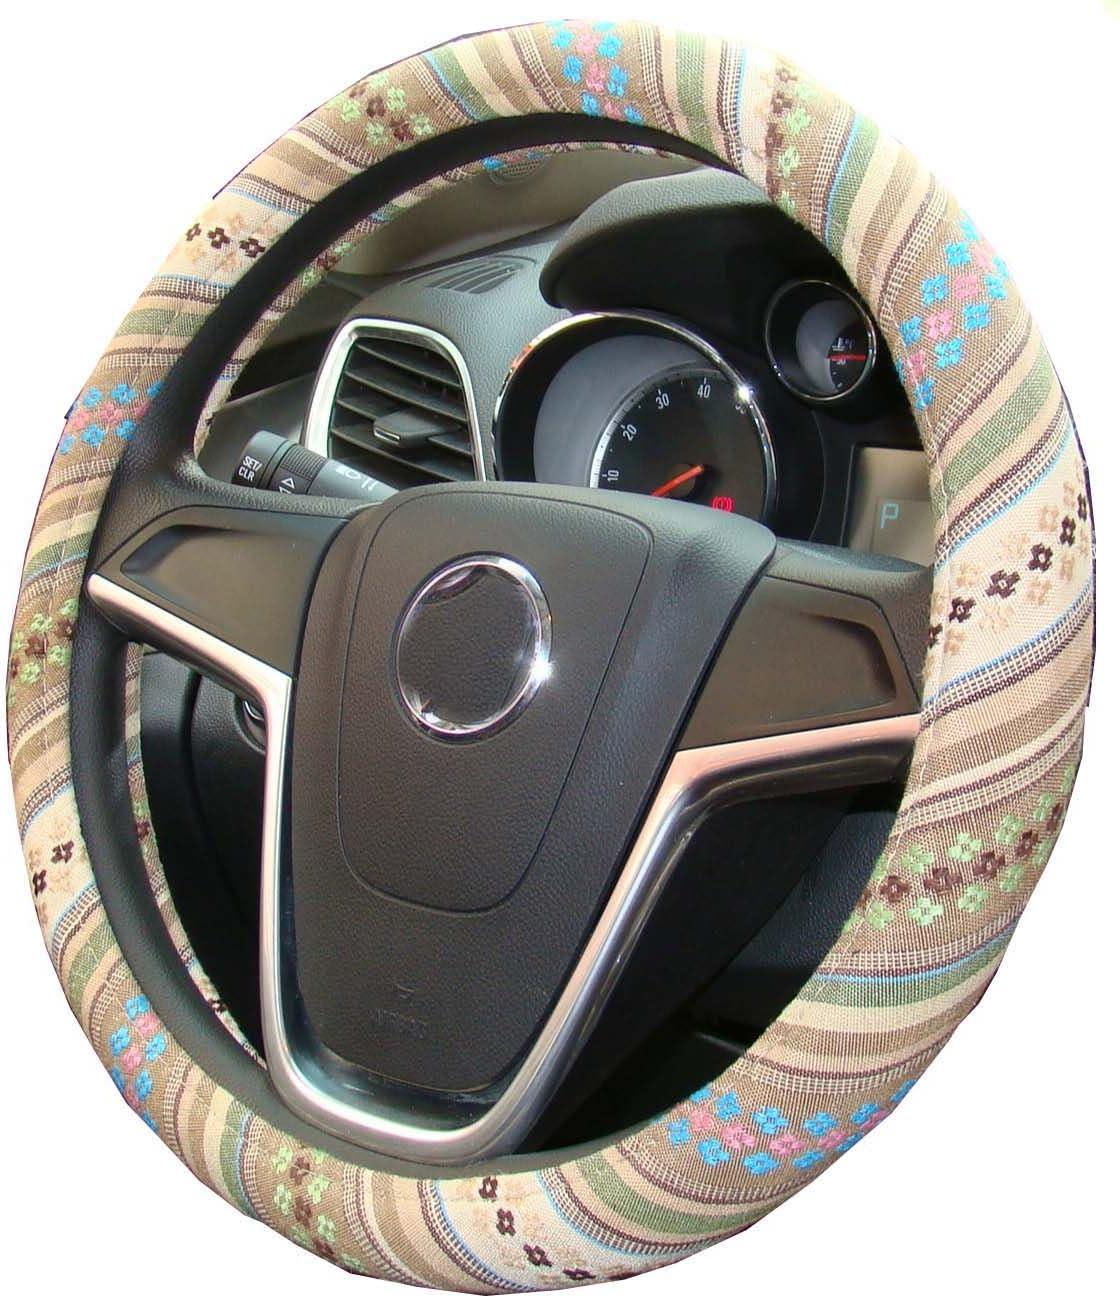 Mayco Bell 2018 Ethnischen Stil Grob Flachs Tuch Automotive Lenkradbezug Anti Slip Und Schweißabsorption Auto Auto Wrap Abdeckung H Auto